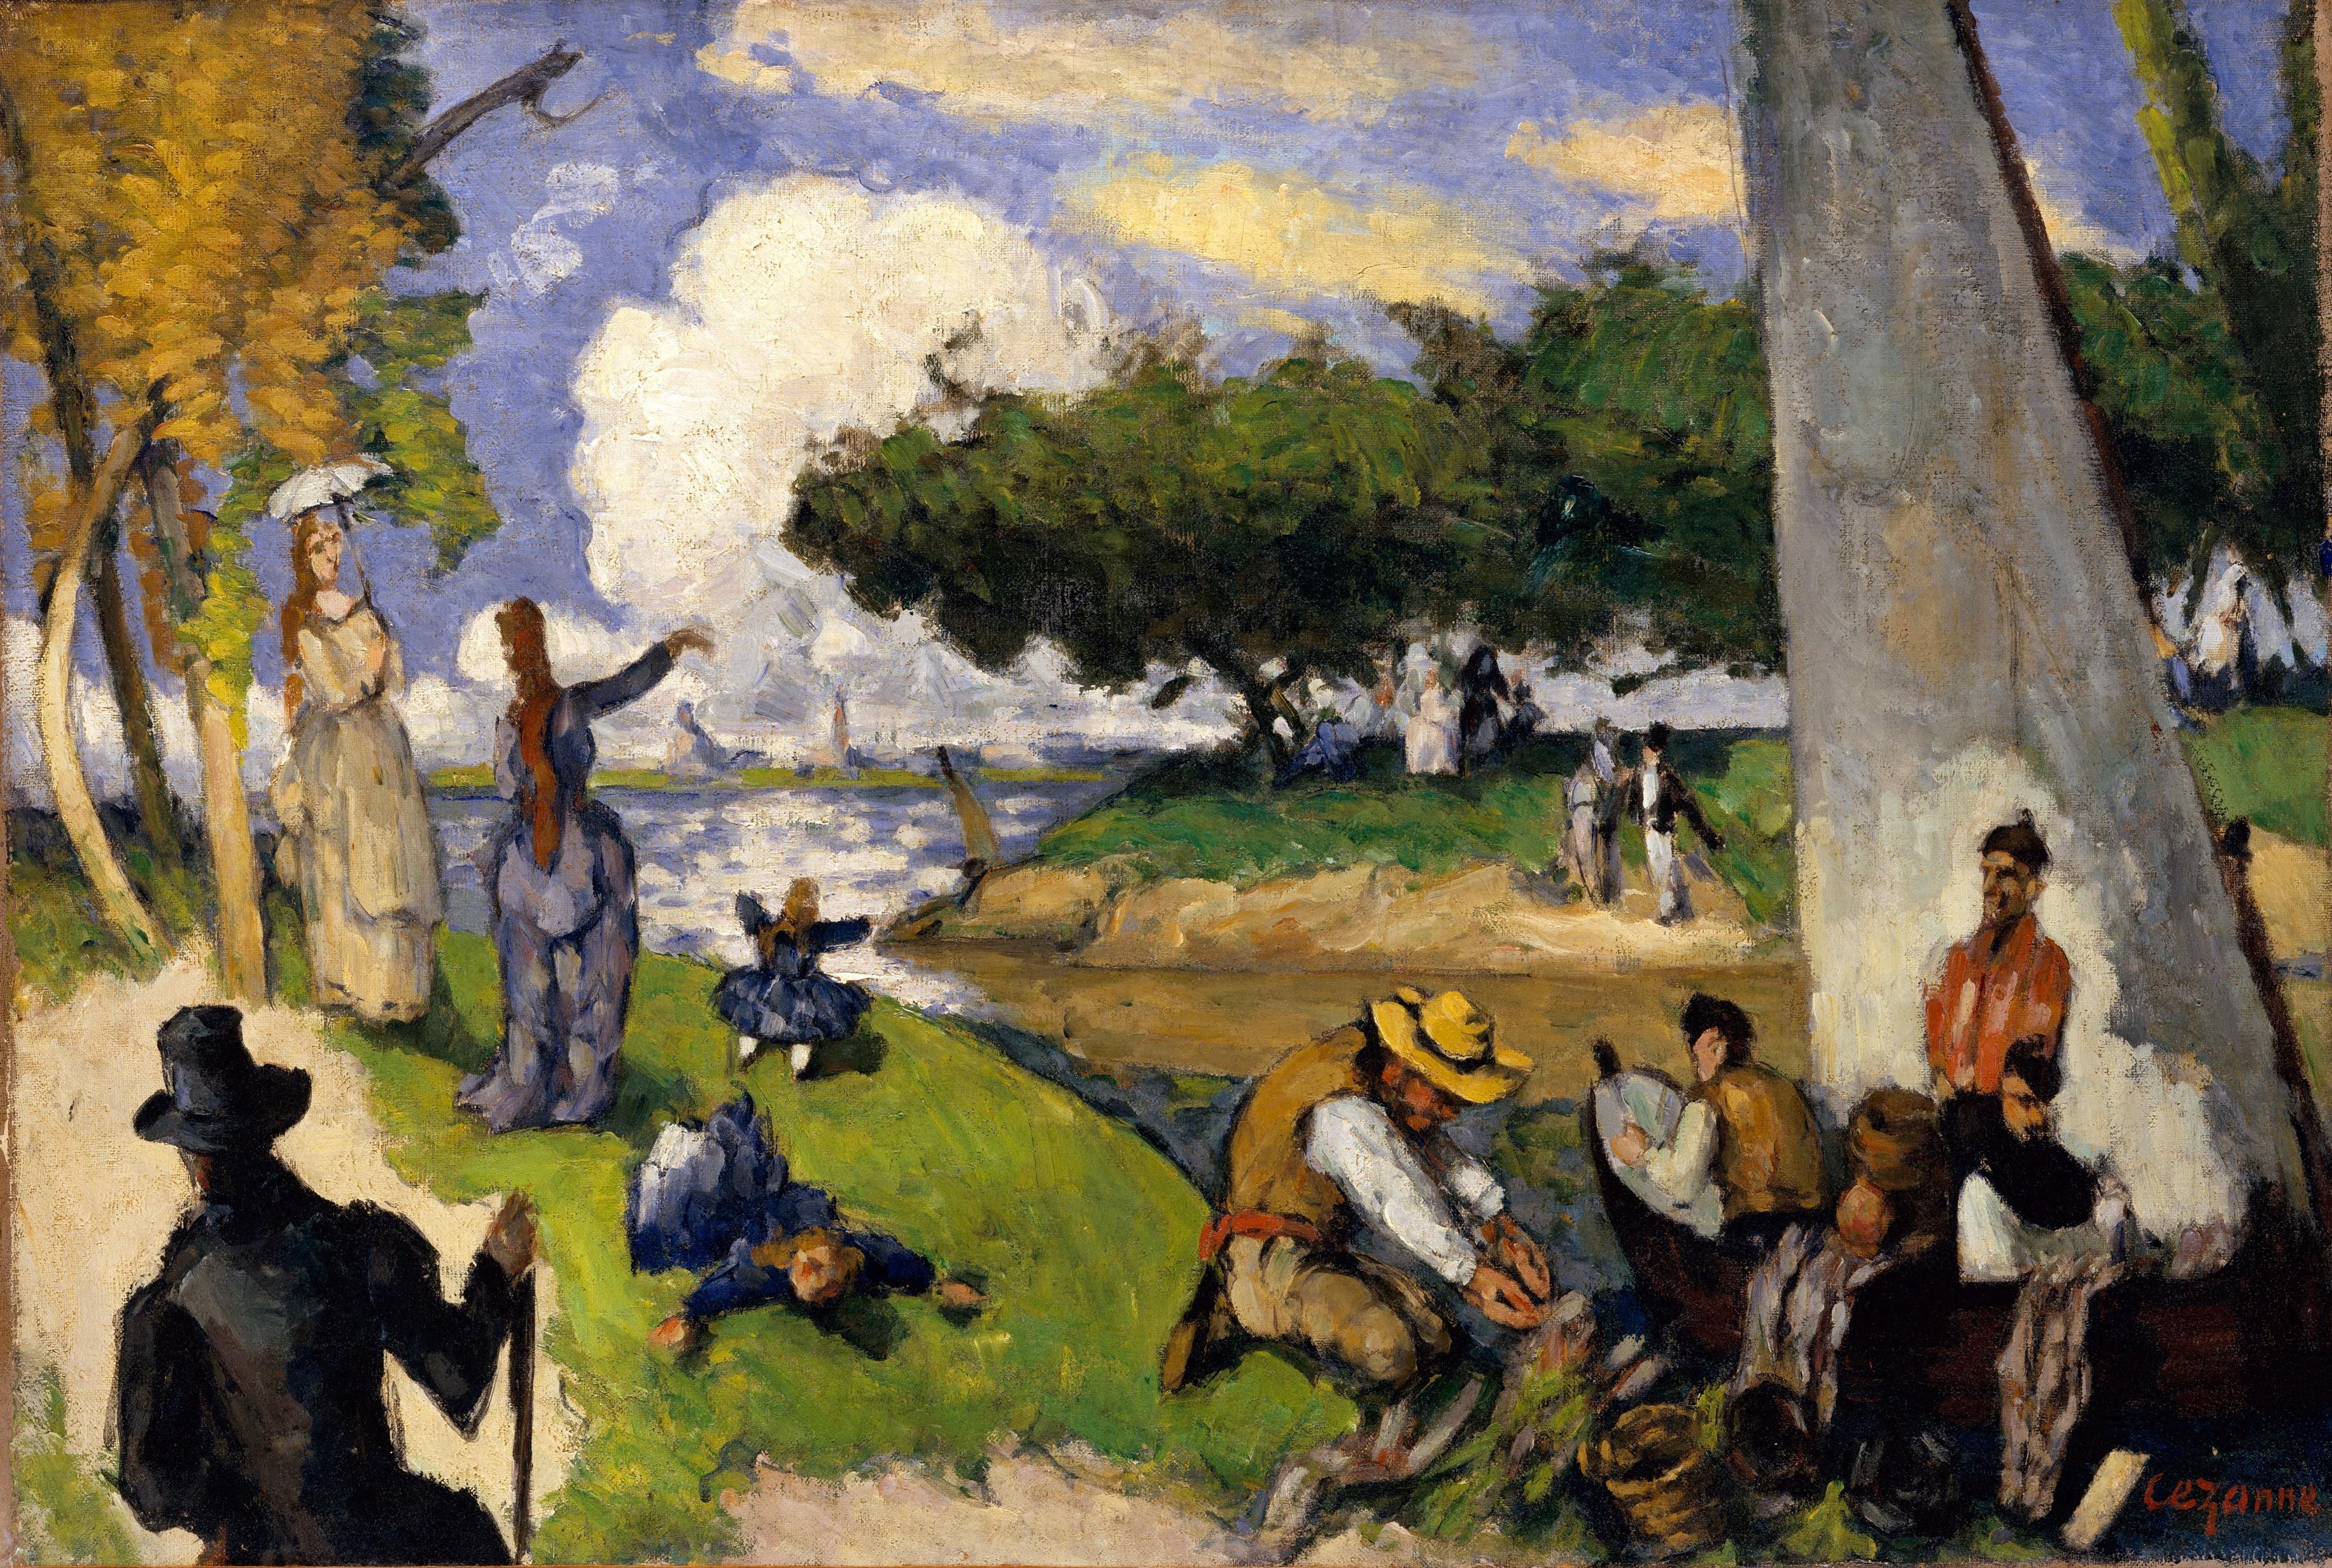 File:Paul Cézanne - Les Pêcheurs (scène fantastique).jpg